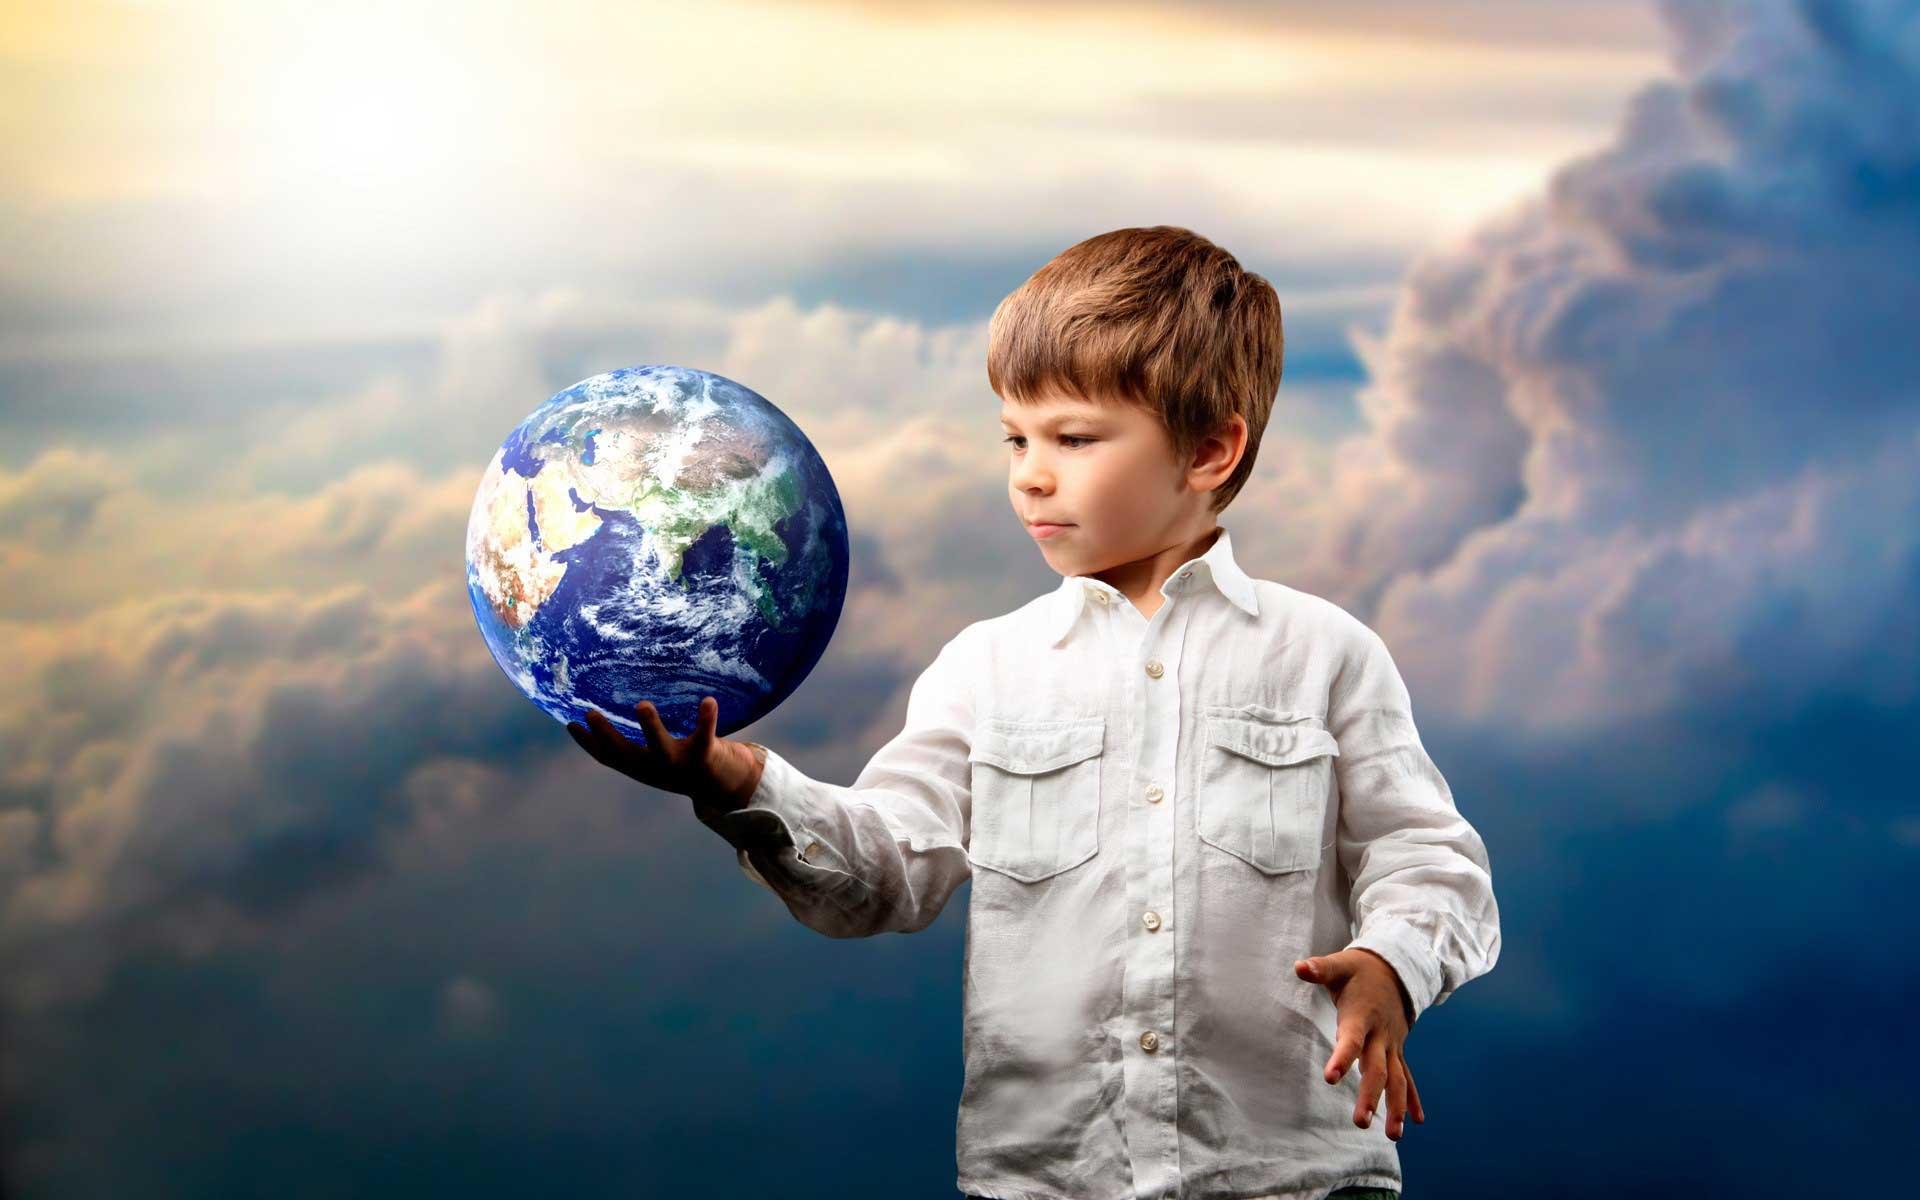 Духовность - внутренний мир человека и гармония с самим собой